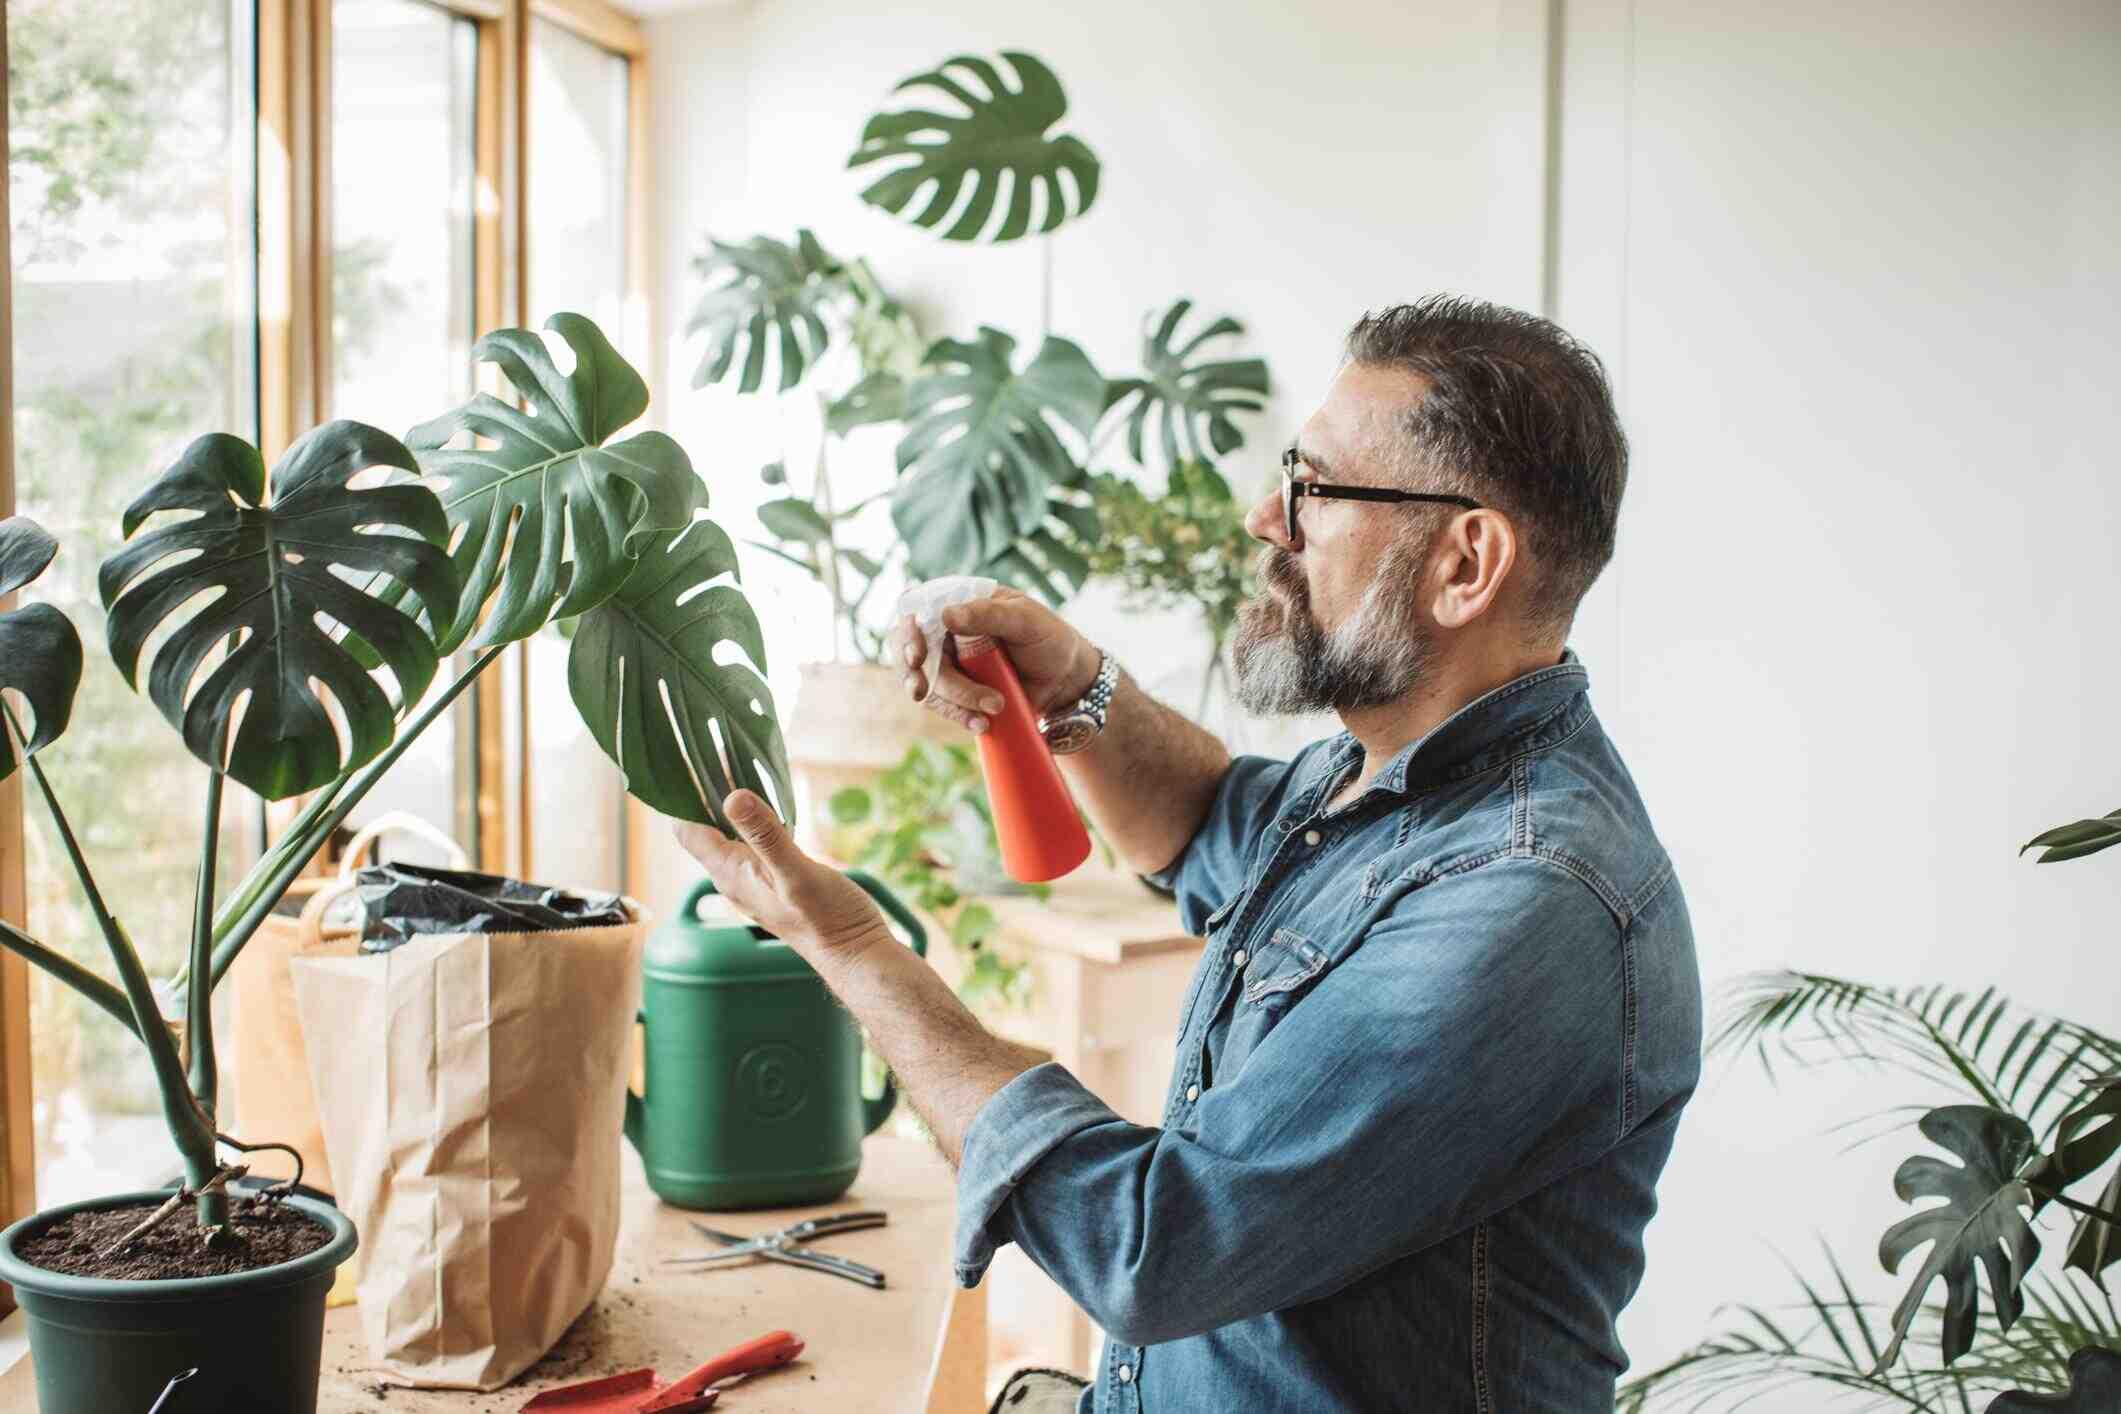 Comment bien prendre soin de ses plantes ?